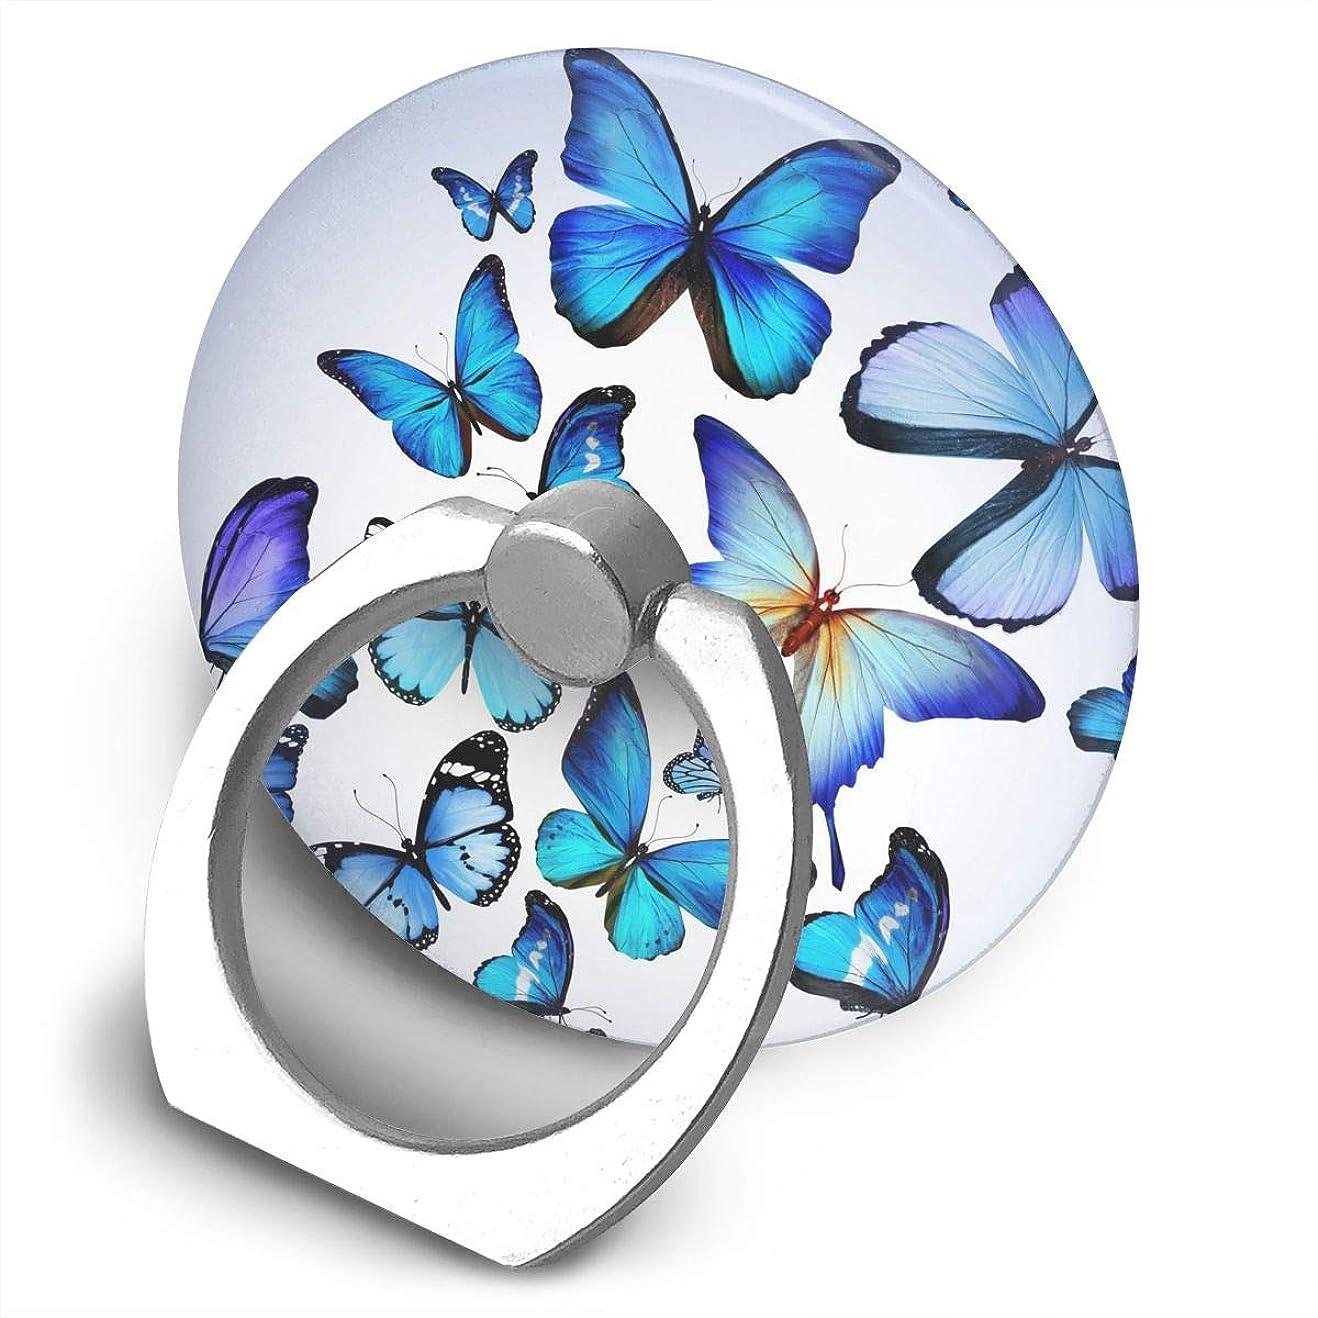 副詞調子れんが青い蝶 360度回転 携帯リング スタンド スマホスタンド ホルダー 薄型 指輪 リング 携帯アクセサリースタンド機能 落下防止